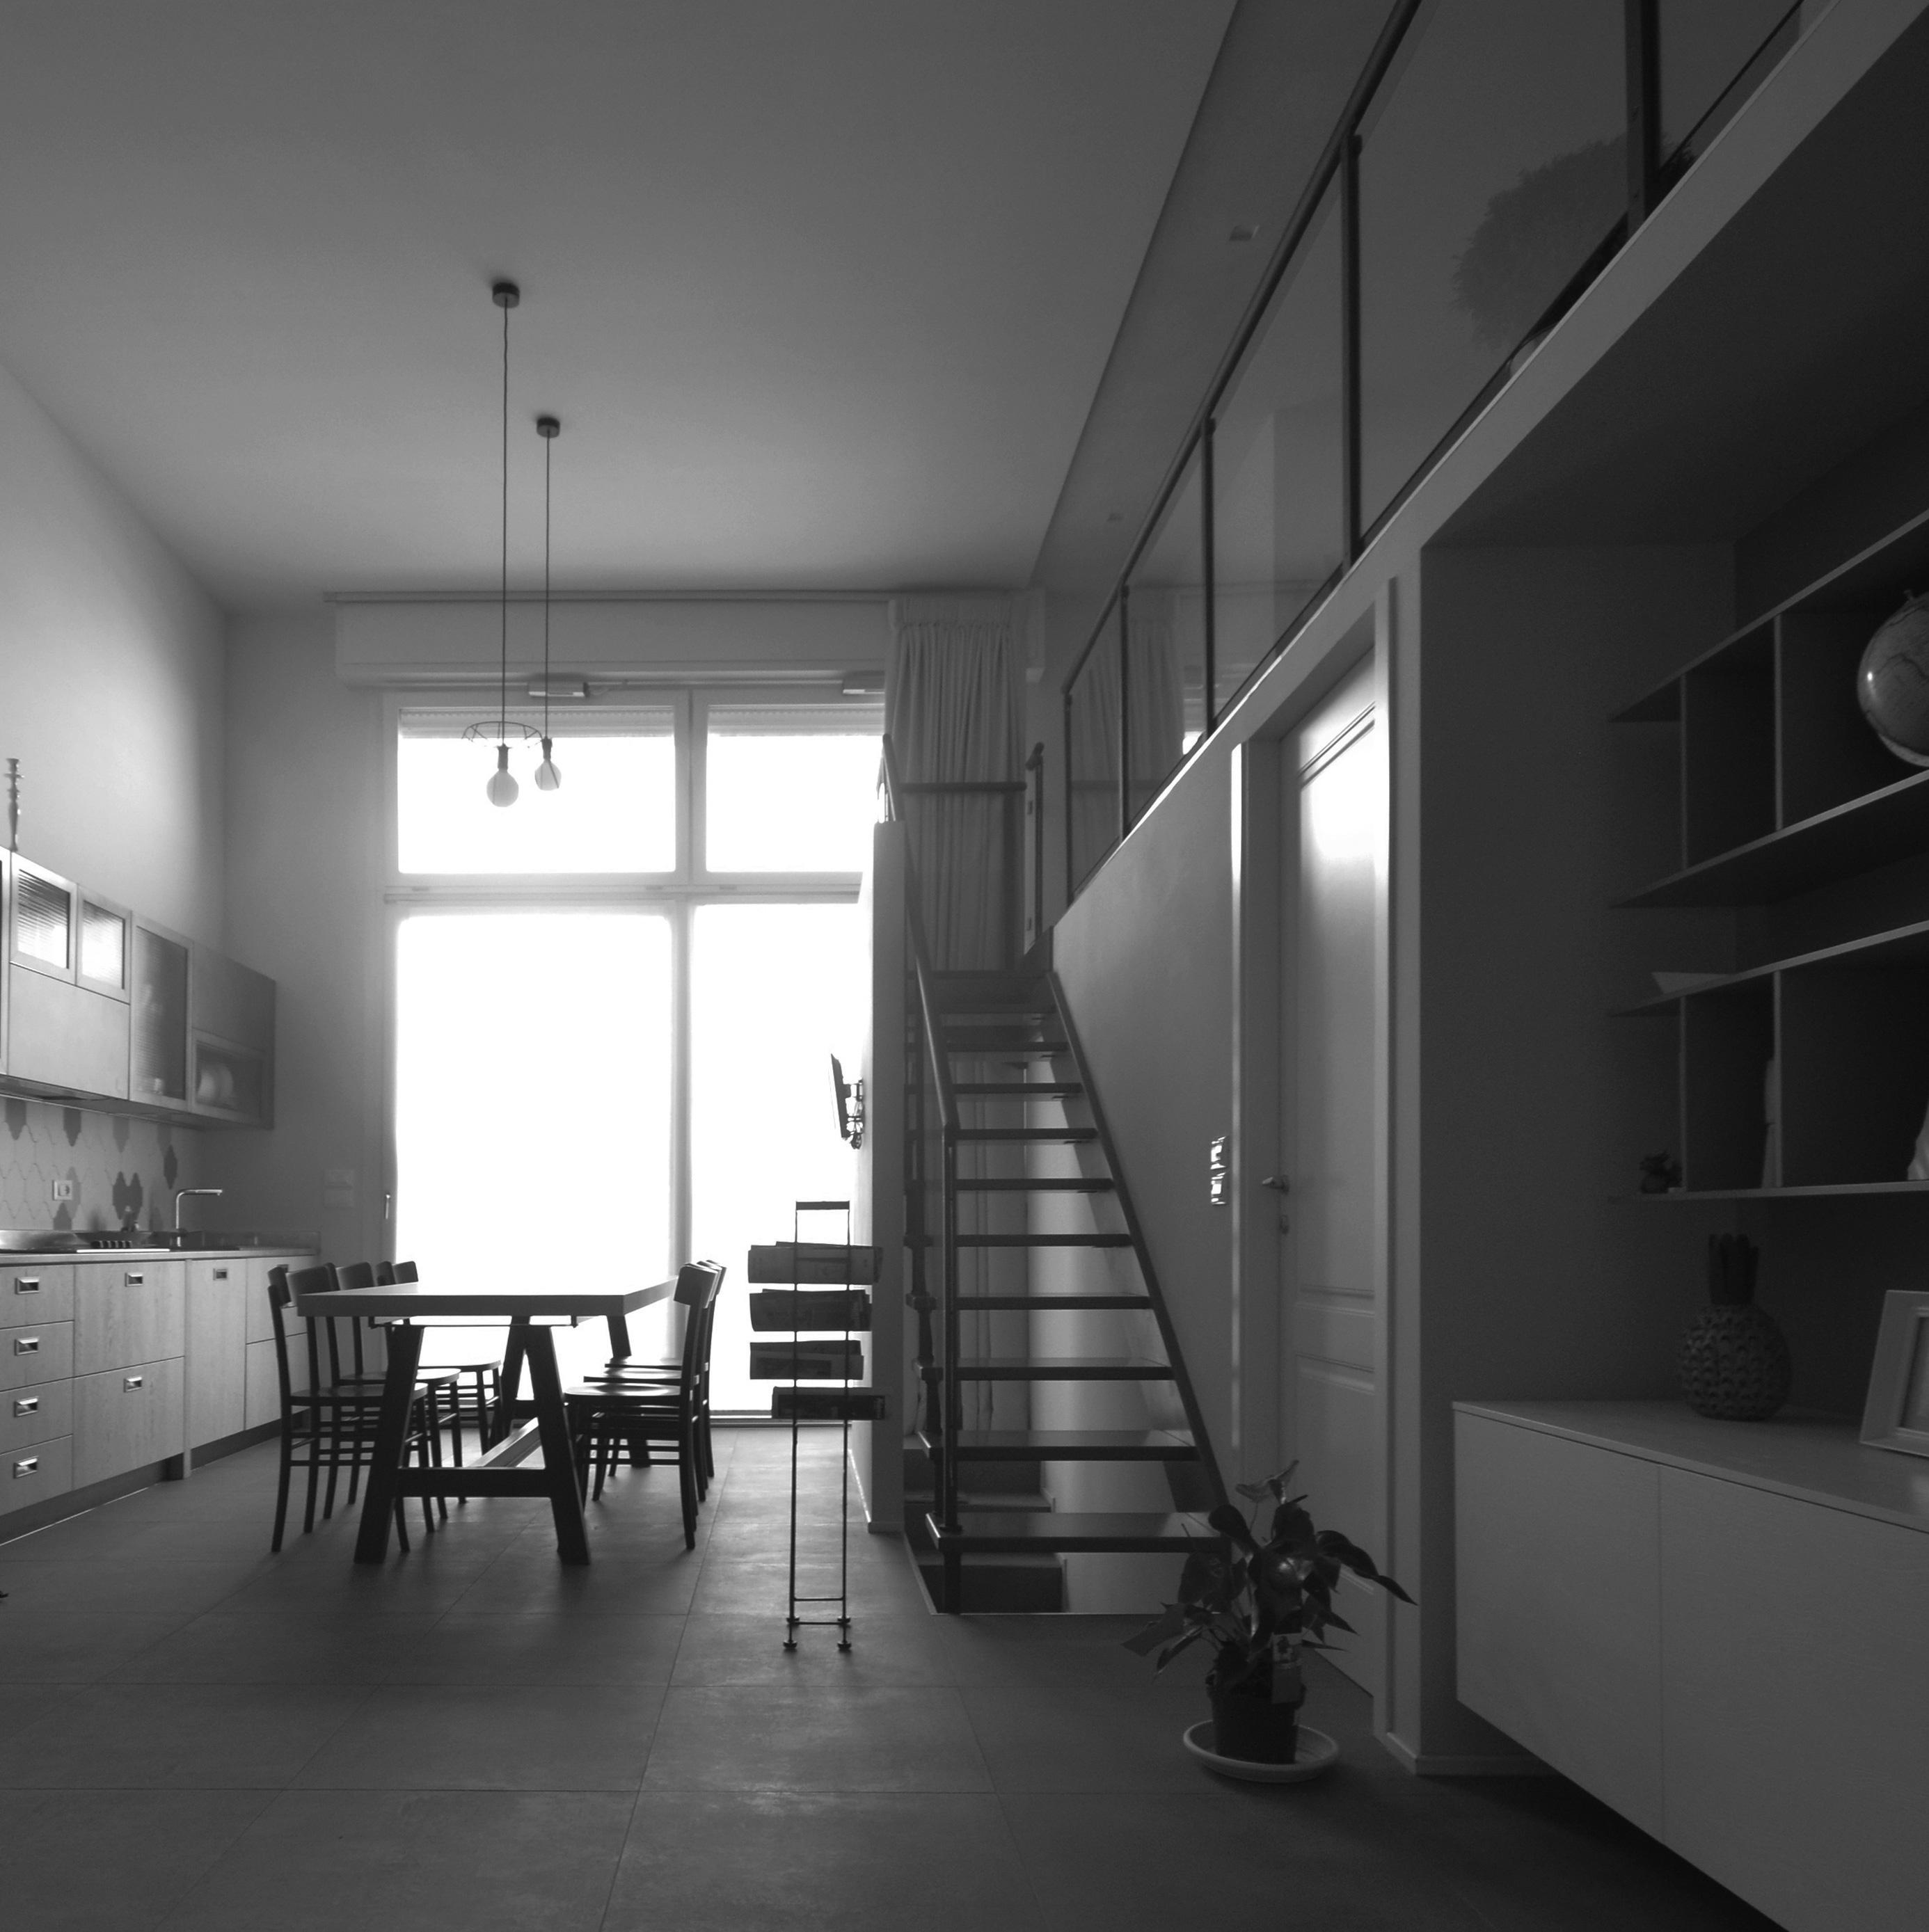 casa MG EG. la zona giorno è costituit da un grande open space e da un soppalco ballatoio dove è stata ricavata la zona lettura/ libreria